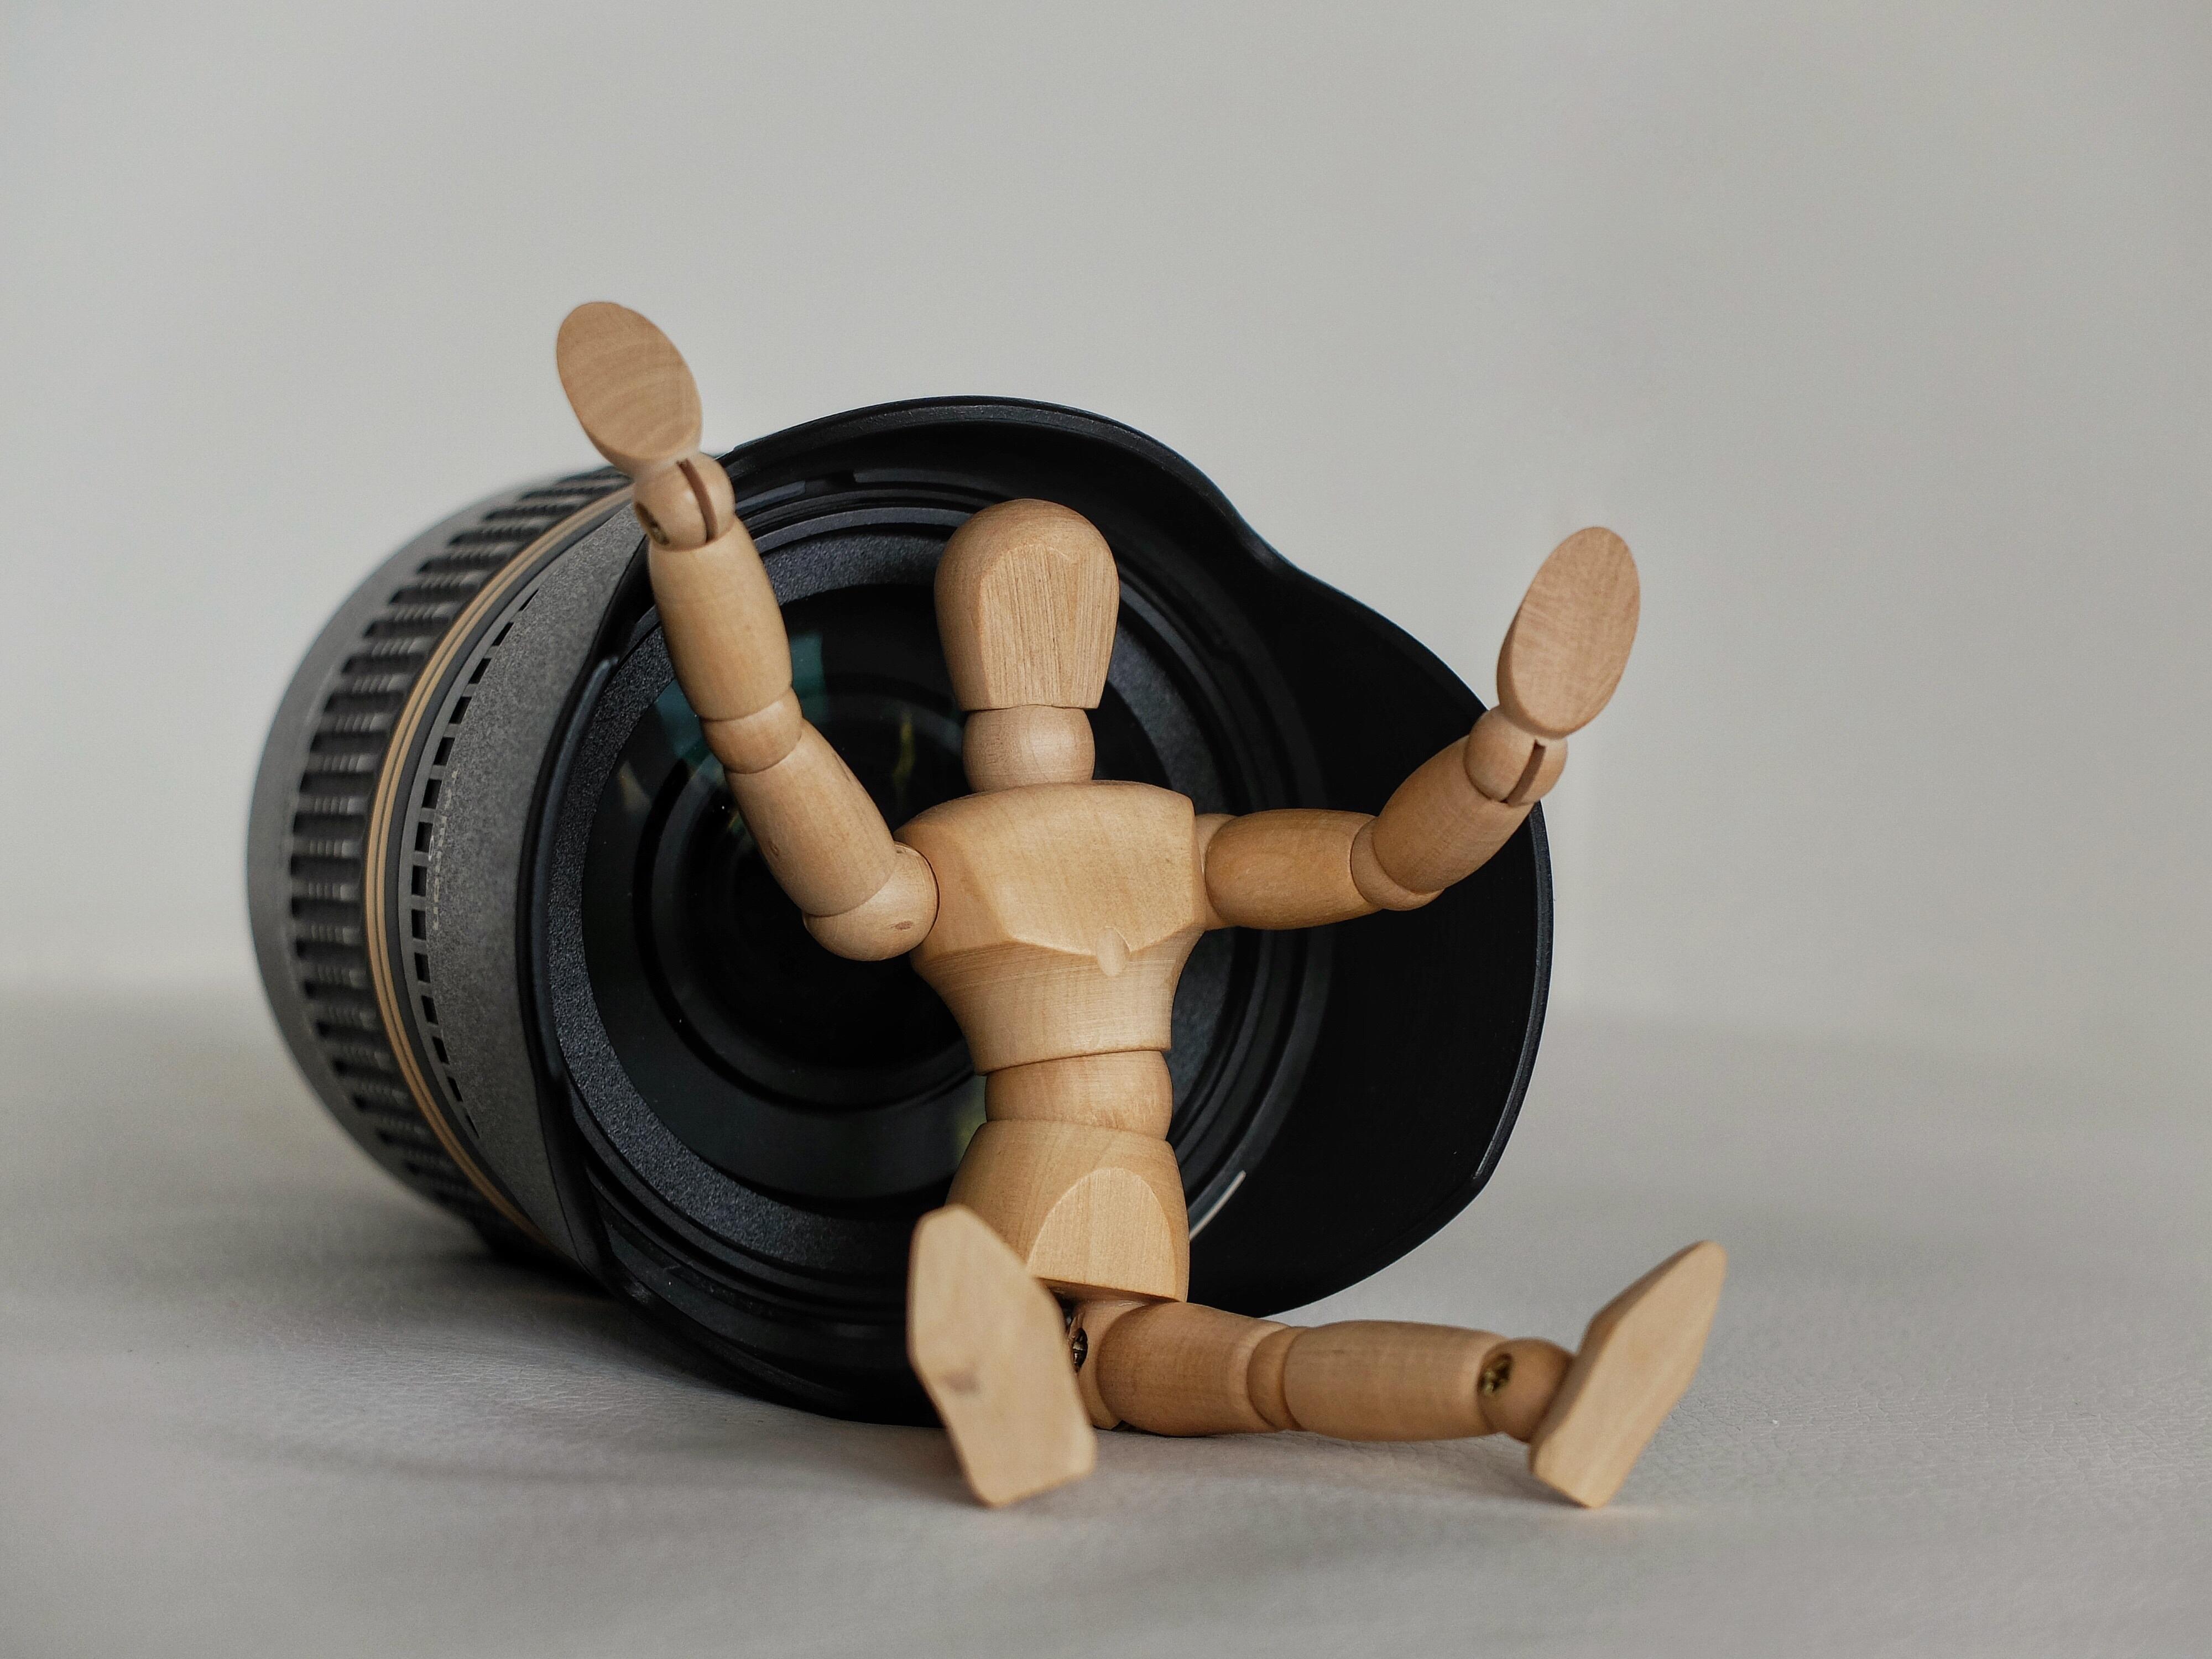 Fotos Gratis Mano Fotograf A Foto Pierna Lente Sentado  # Muebles El Gitano